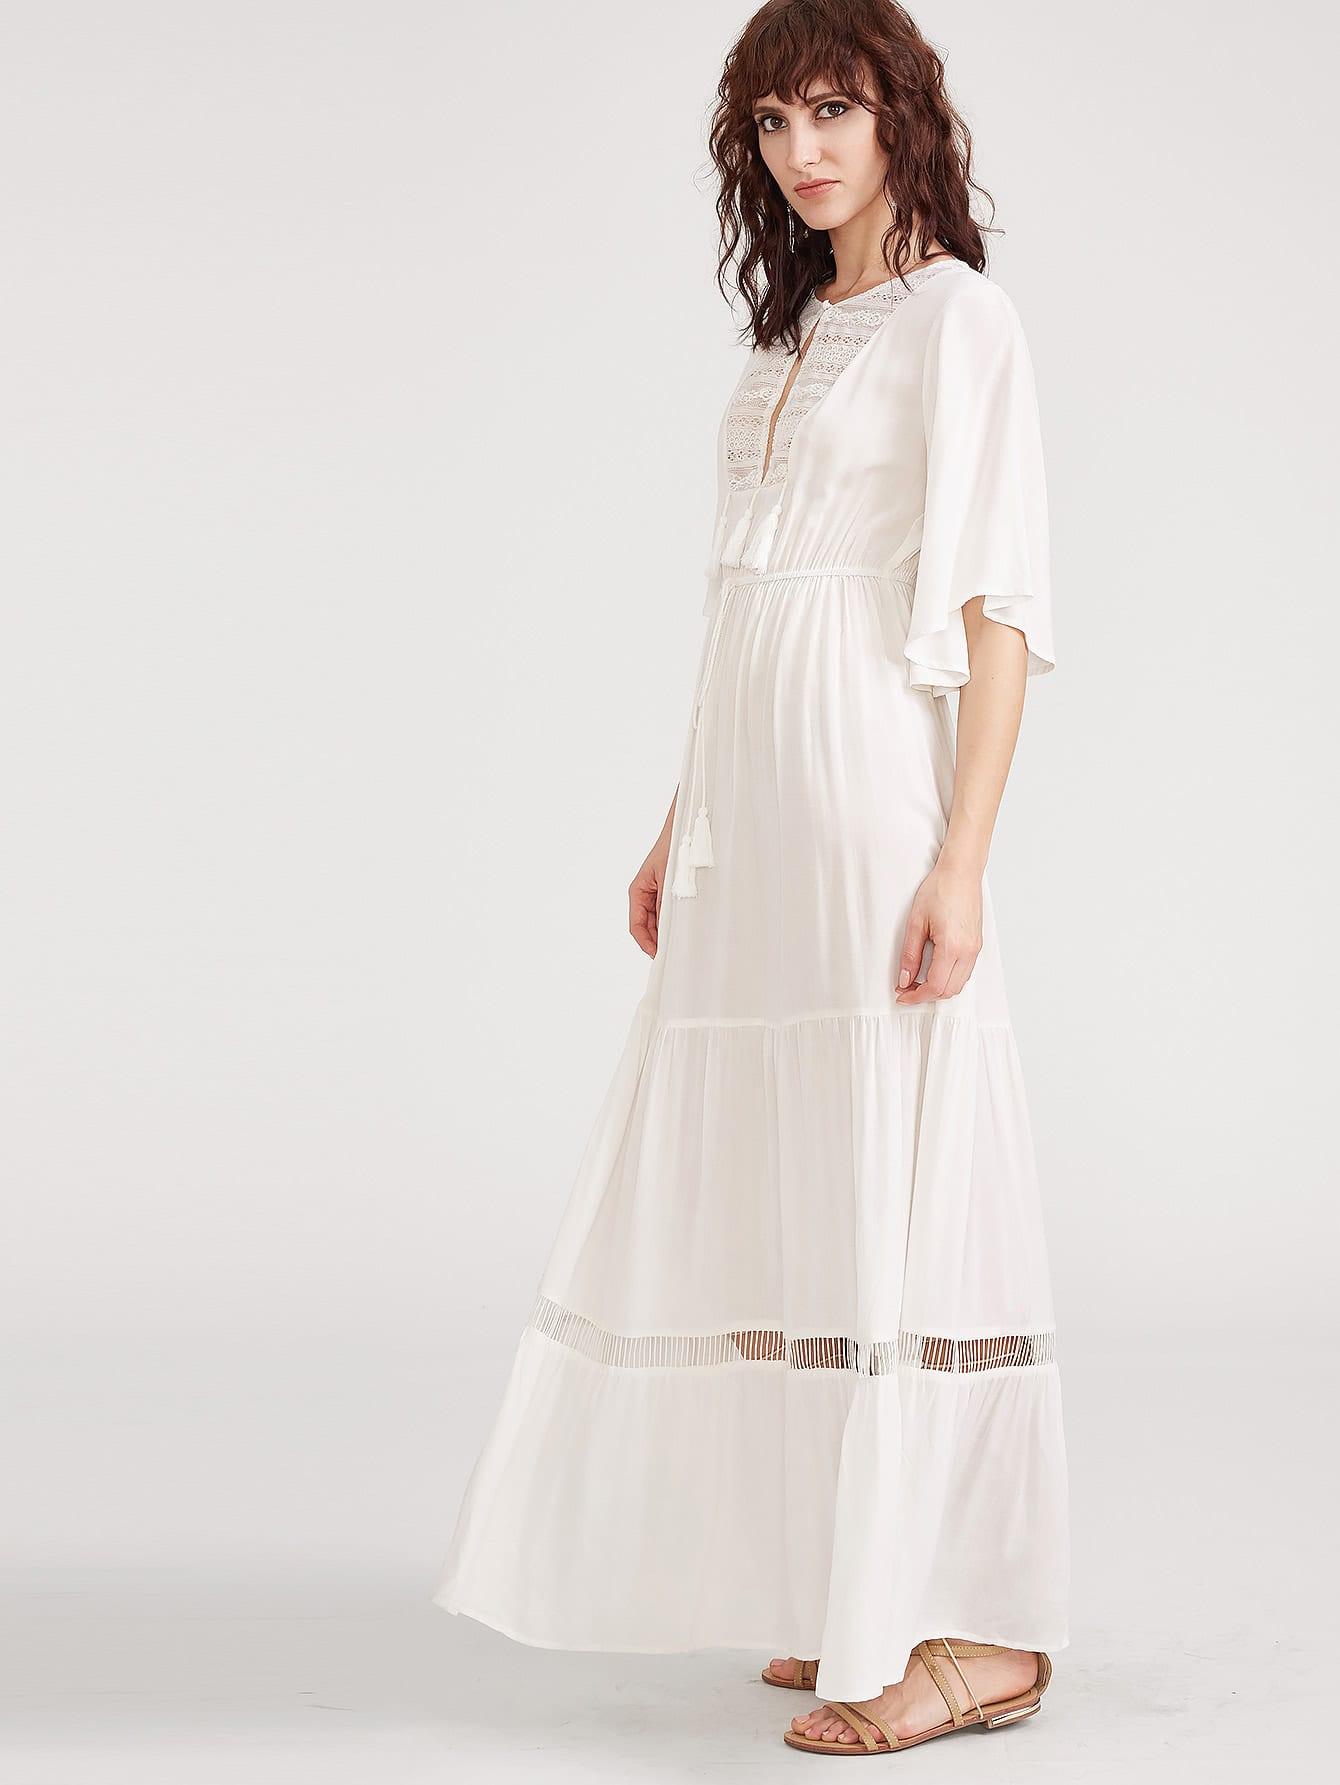 dress170301457_2